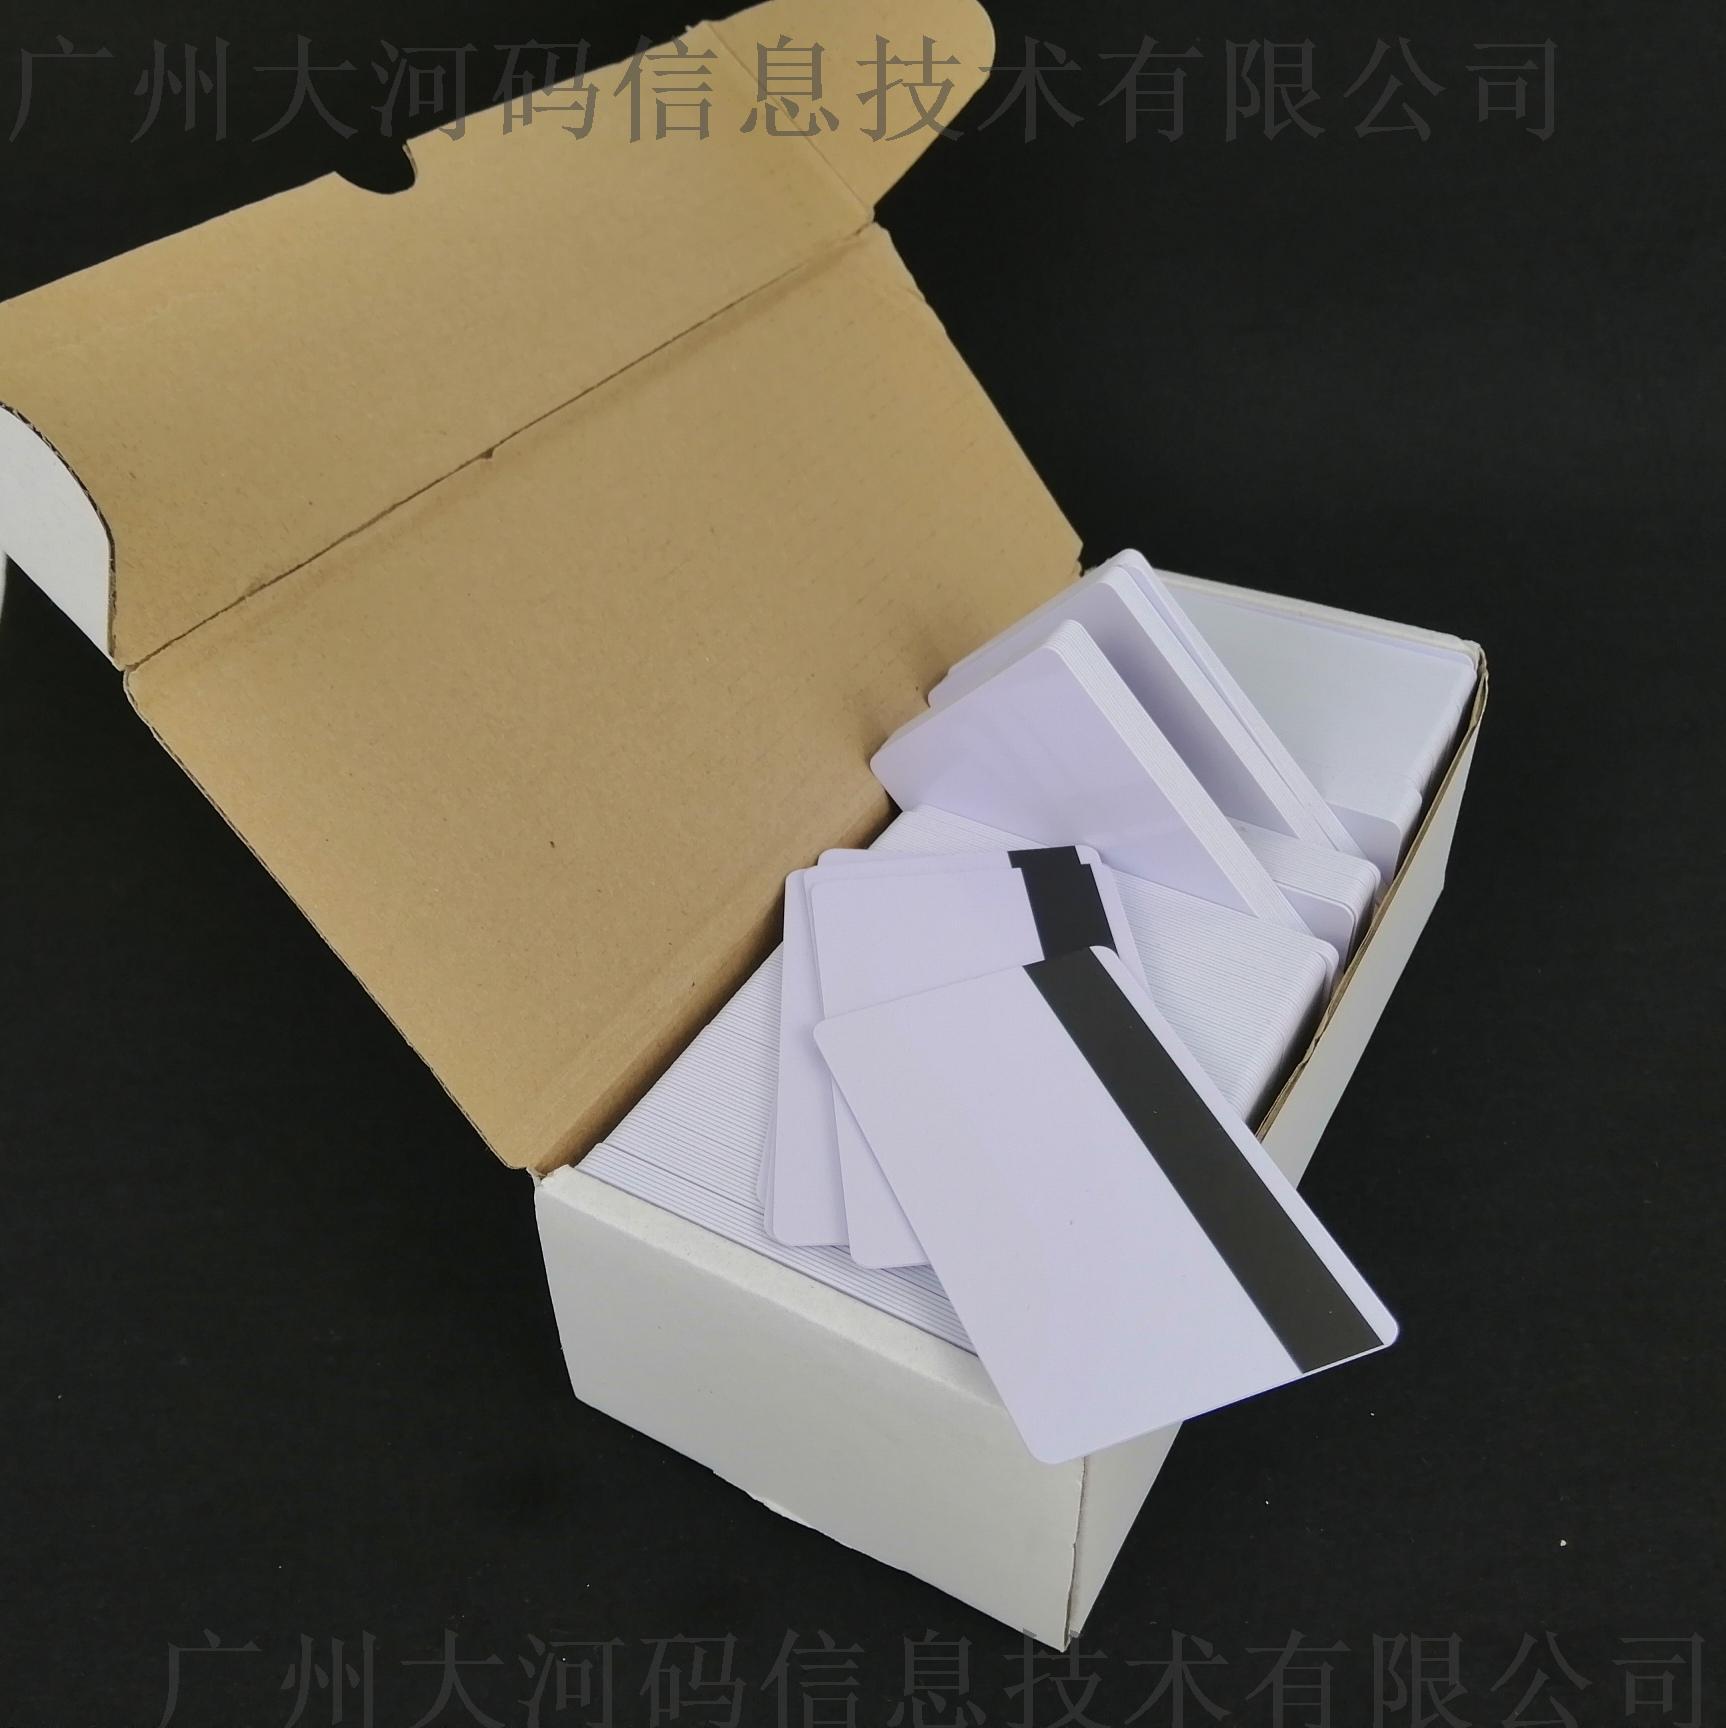 韓國證卡印表機 SMART122296835